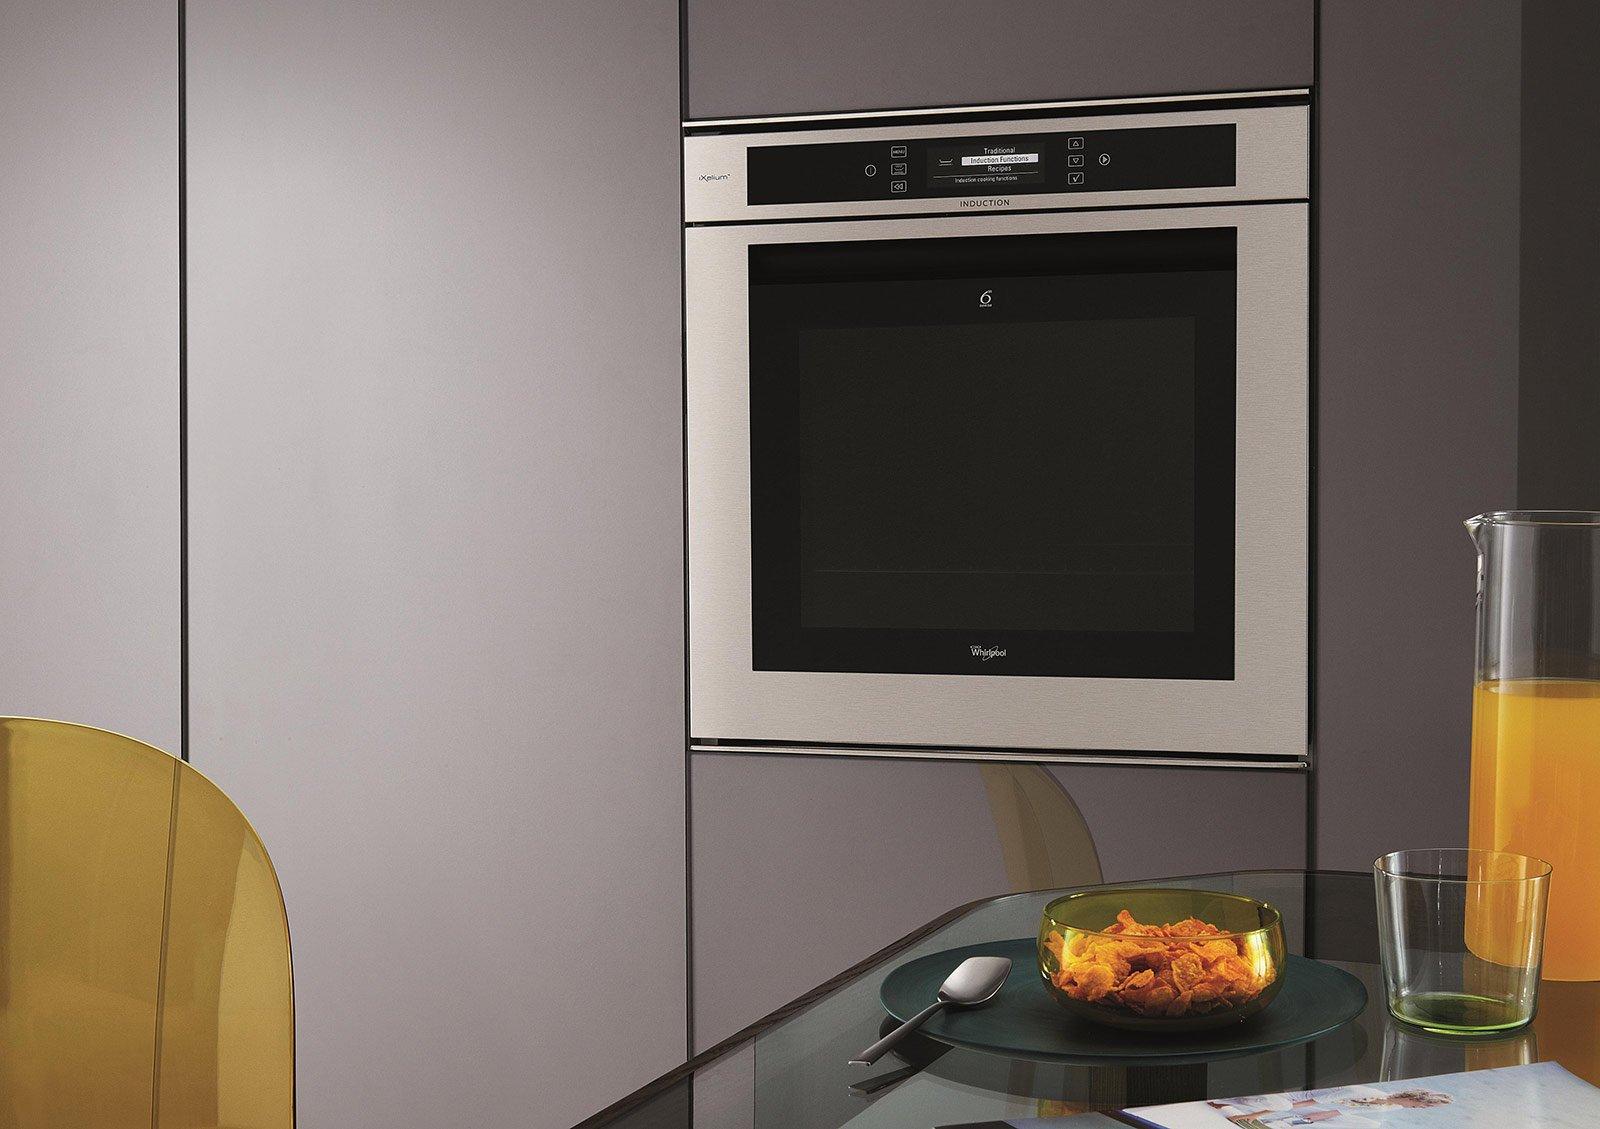 I saloni 2014 in cucina lavastoviglie e forni nuovi e innovativi cose di casa - Forno sesto senso whirlpool ...